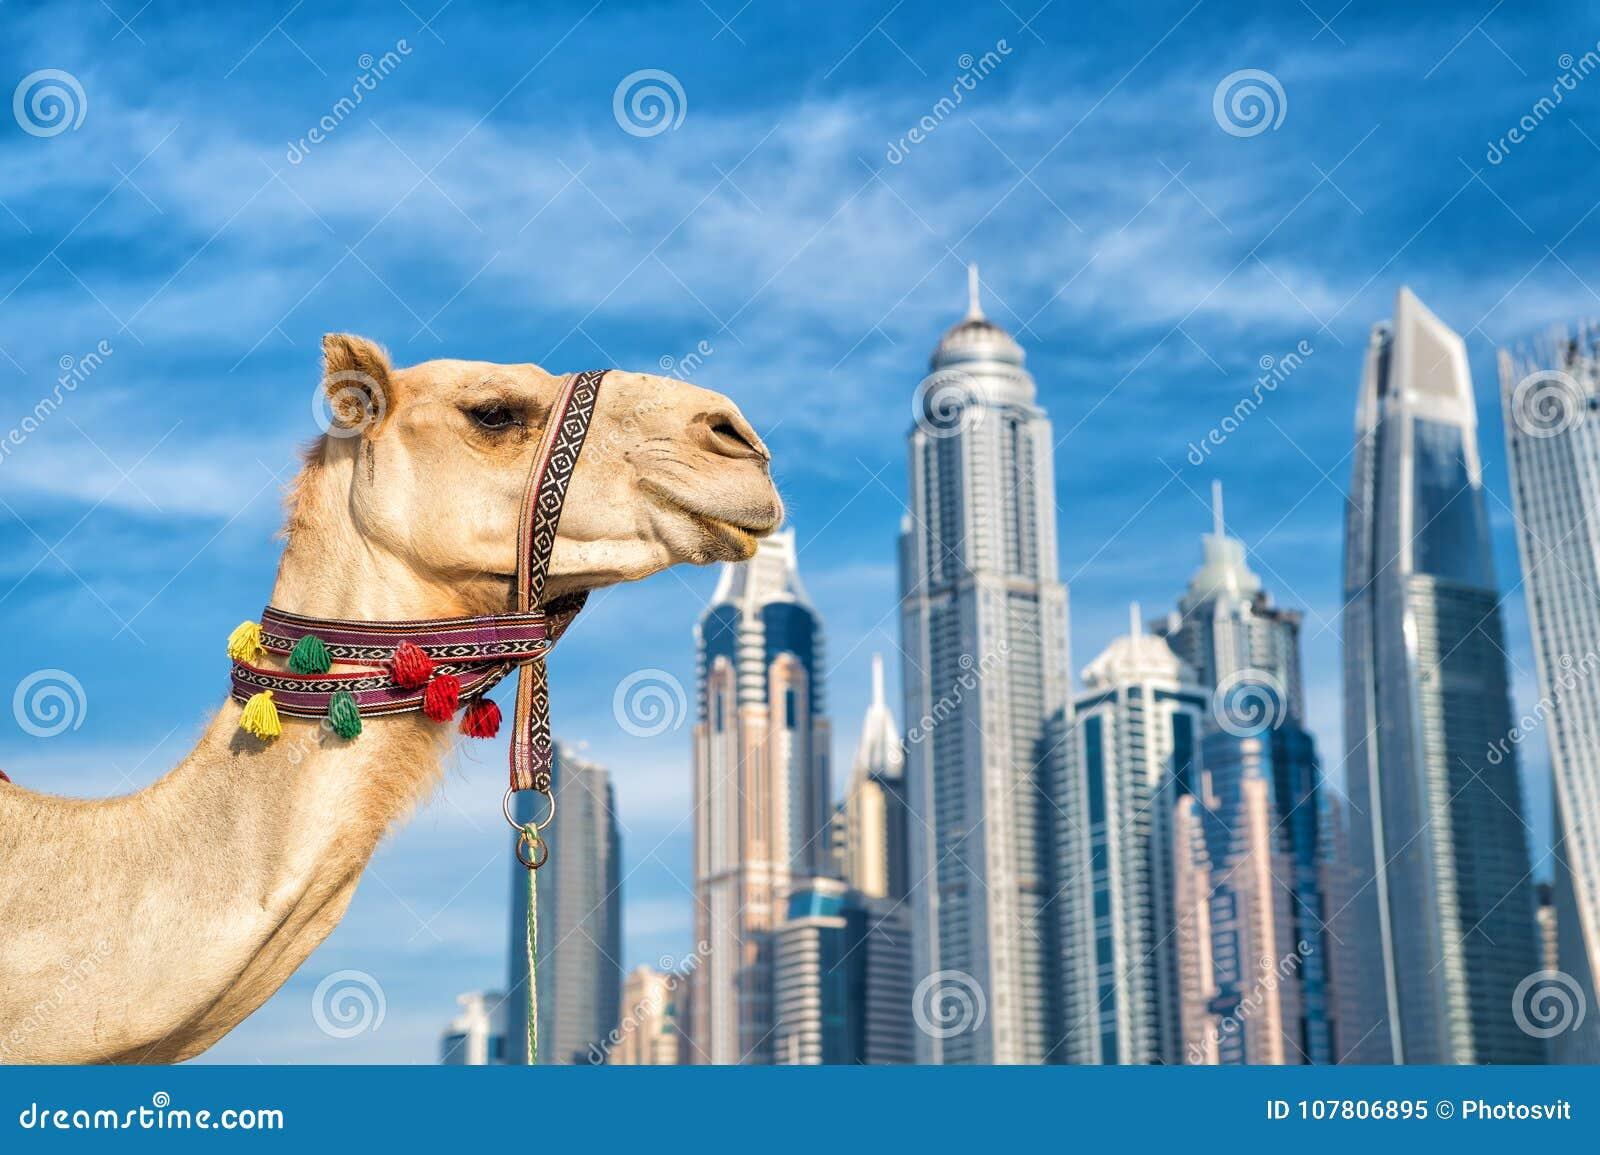 Stile della spiaggia del porticciolo JBR dei UAE Dubai: cammelli e grattacieli stile moderno di affari delle costruzioni storia d